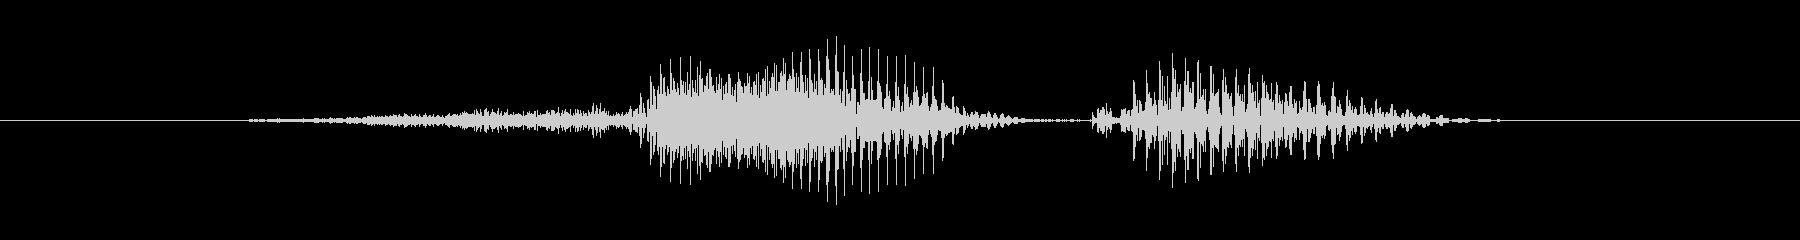 不正解の未再生の波形